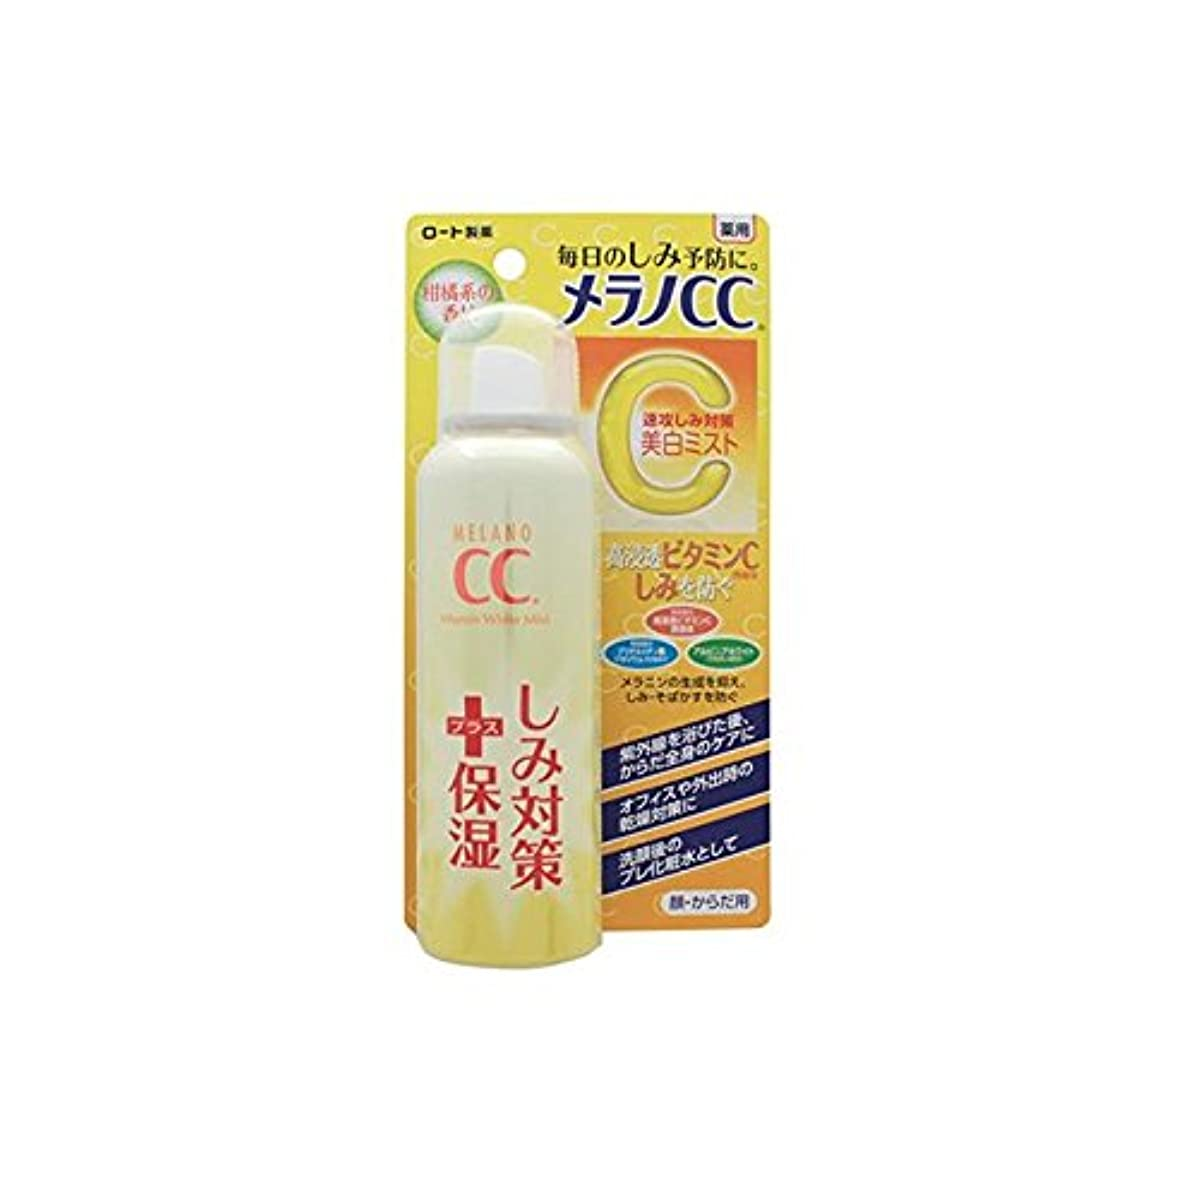 栄養ナット解釈メラノCC 薬用しみ対策 美白ミスト化粧水 100g【医薬部外品】